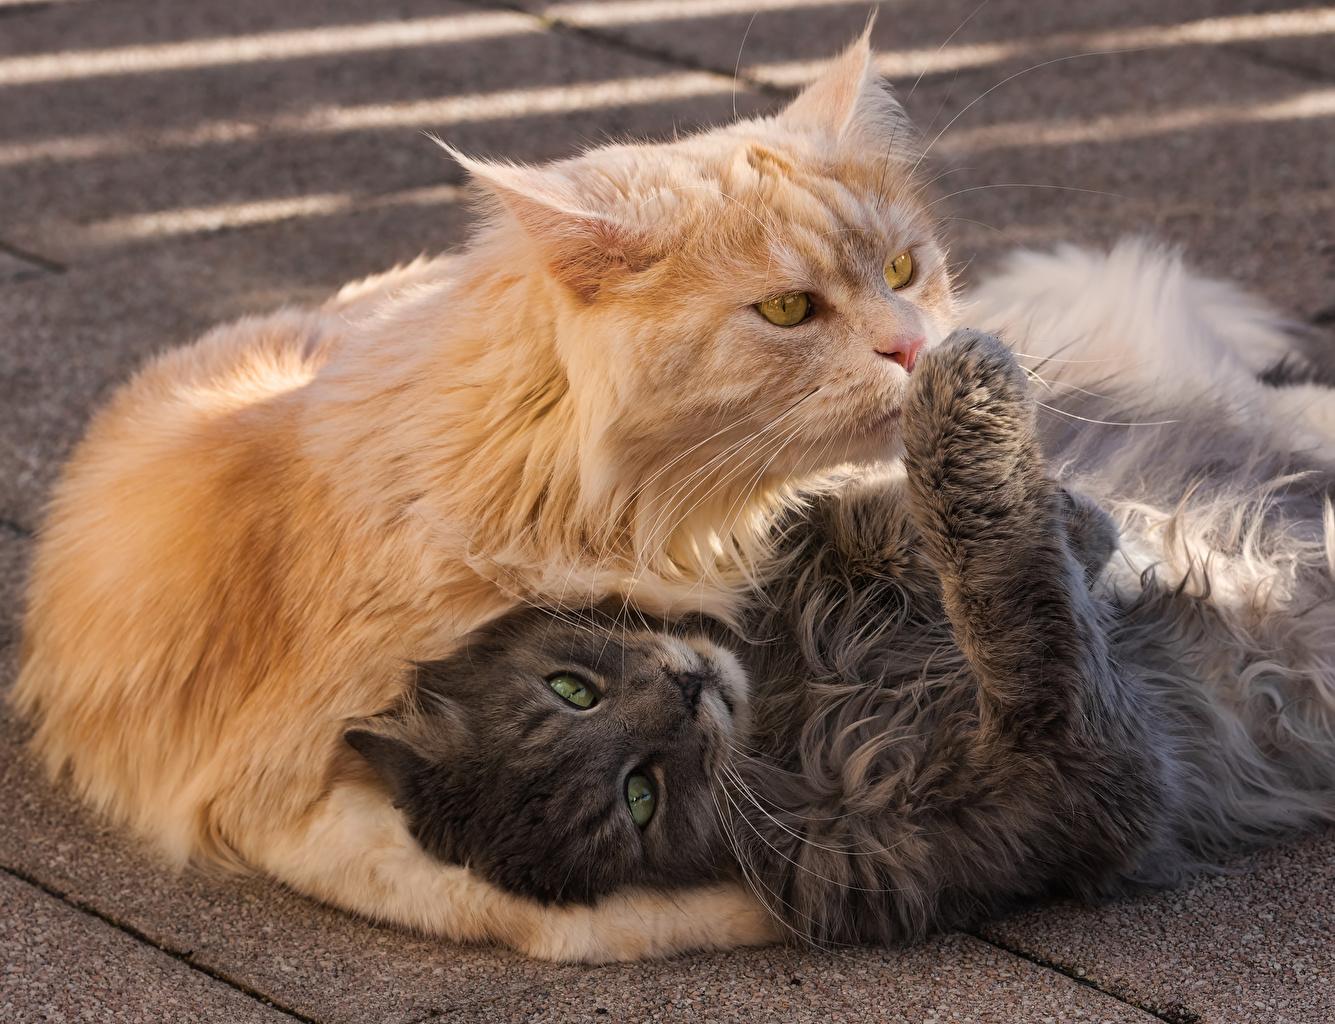 Bilder Katze 2 graues orange rot ein Tier Katzen Hauskatze Zwei Grau graue Fuchsrot ingwer farbe Tiere